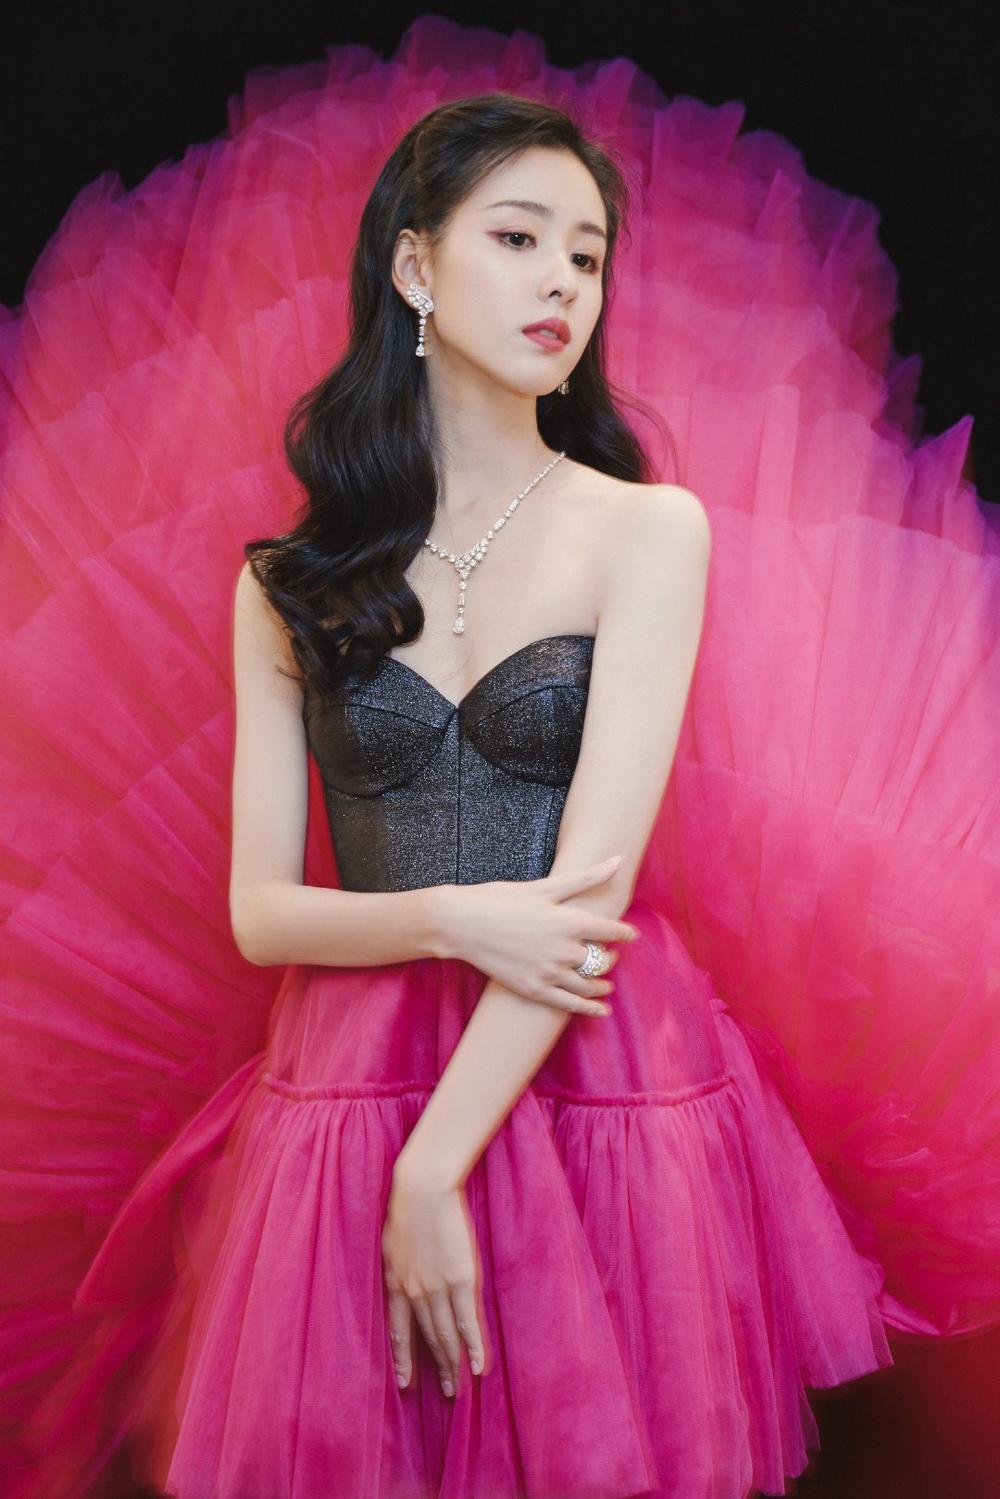 'Đêm hội ELLE 2020': Cận cảnh nhan sắc đẹp nao lòng của Dương Mịch, Cổ Lực Na Trát, Đường Yên và loạt sao Cbiz Ảnh 26